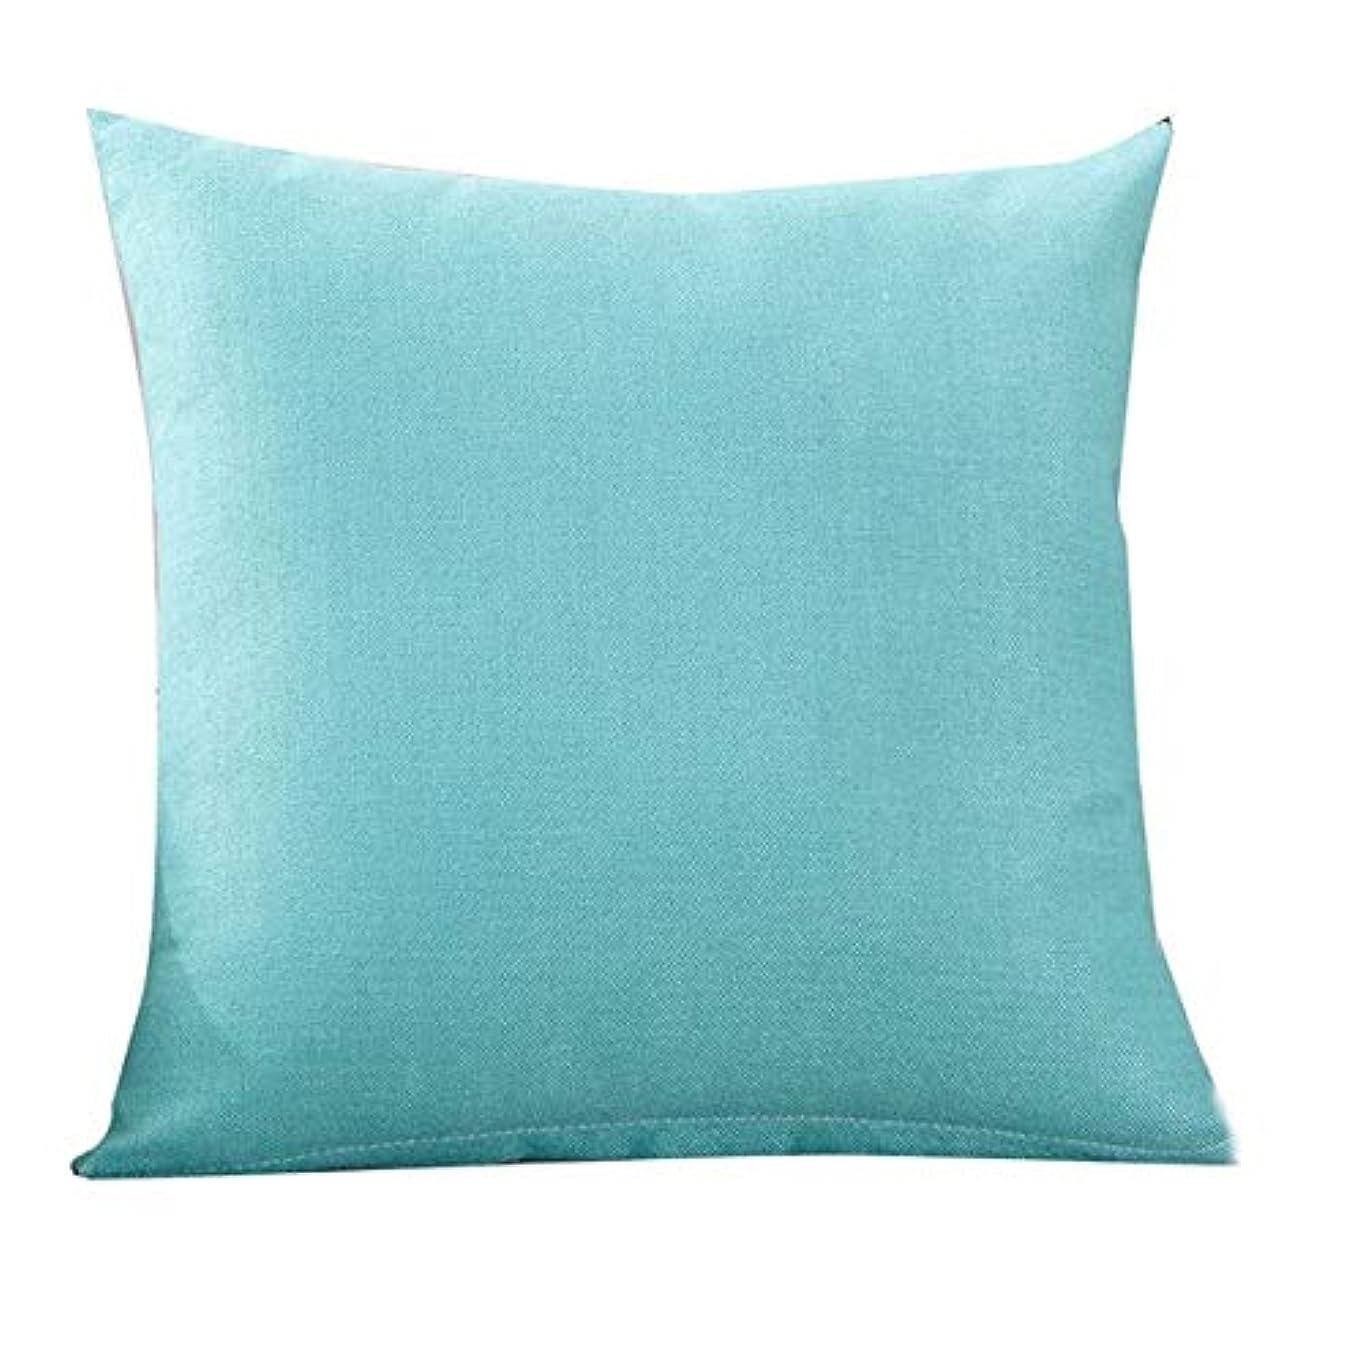 ウミウシ物理的に興奮するLIFE クリエイティブシンプルなファッションスロー枕クッションカフェソファクッションのホームインテリア z0403# G20 クッション 椅子